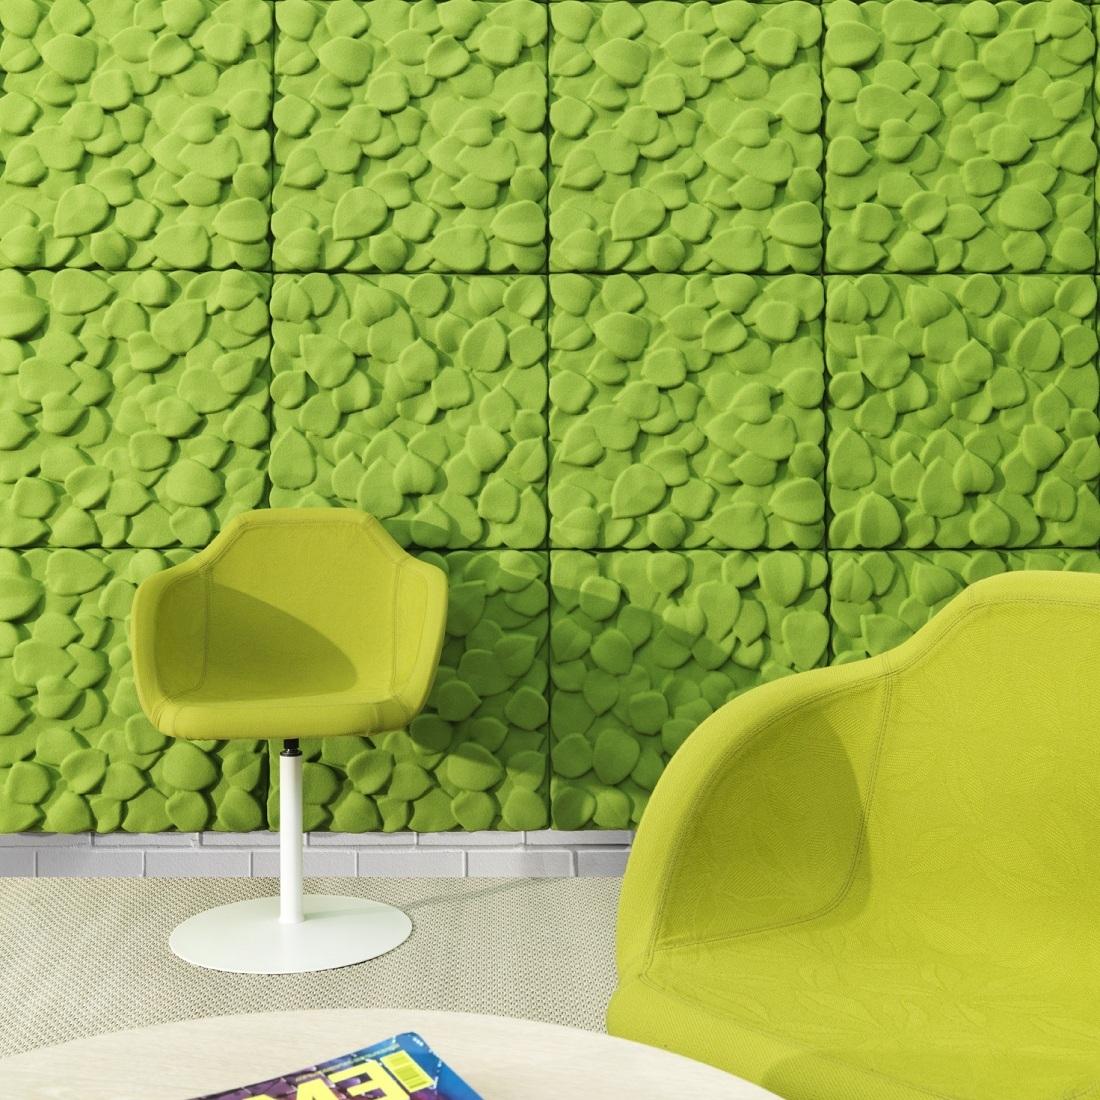 приготовить купить шумоизоляционные панели для стен в спб интернет-военторге Арсенал